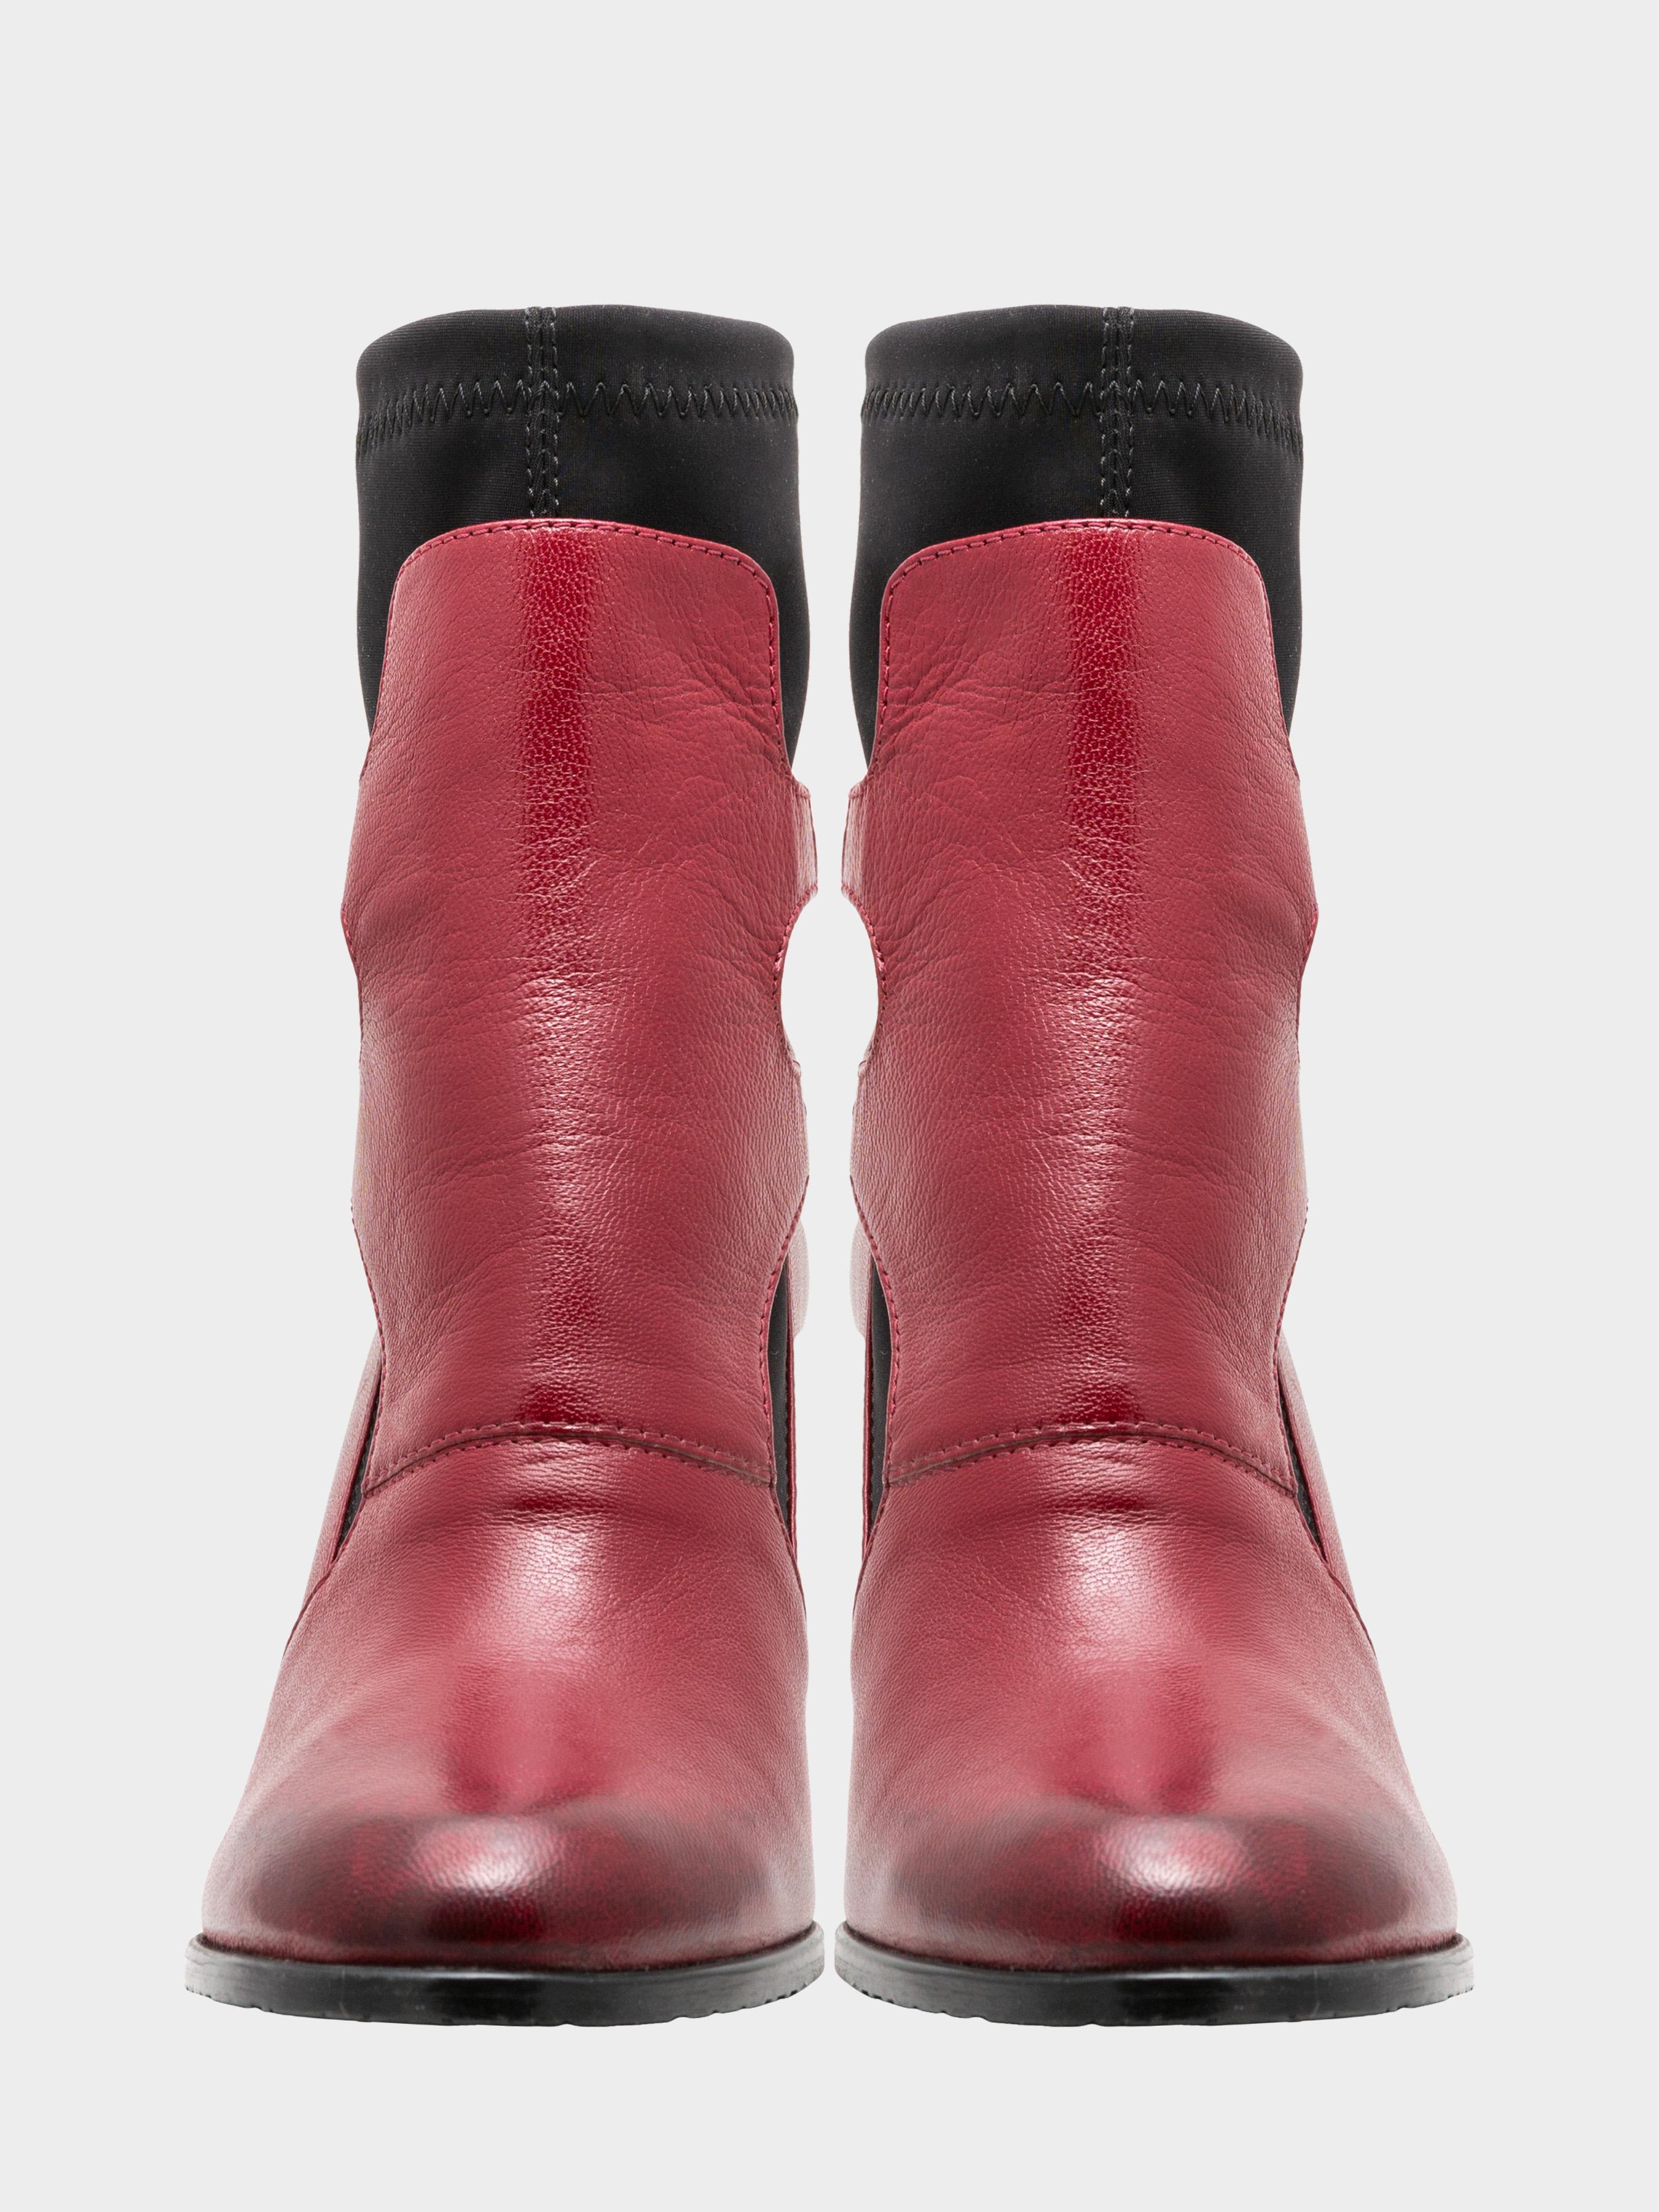 Ботинки для женщин Ботинки женские ENZO VERRATTI 18-9588bo цена, 2017